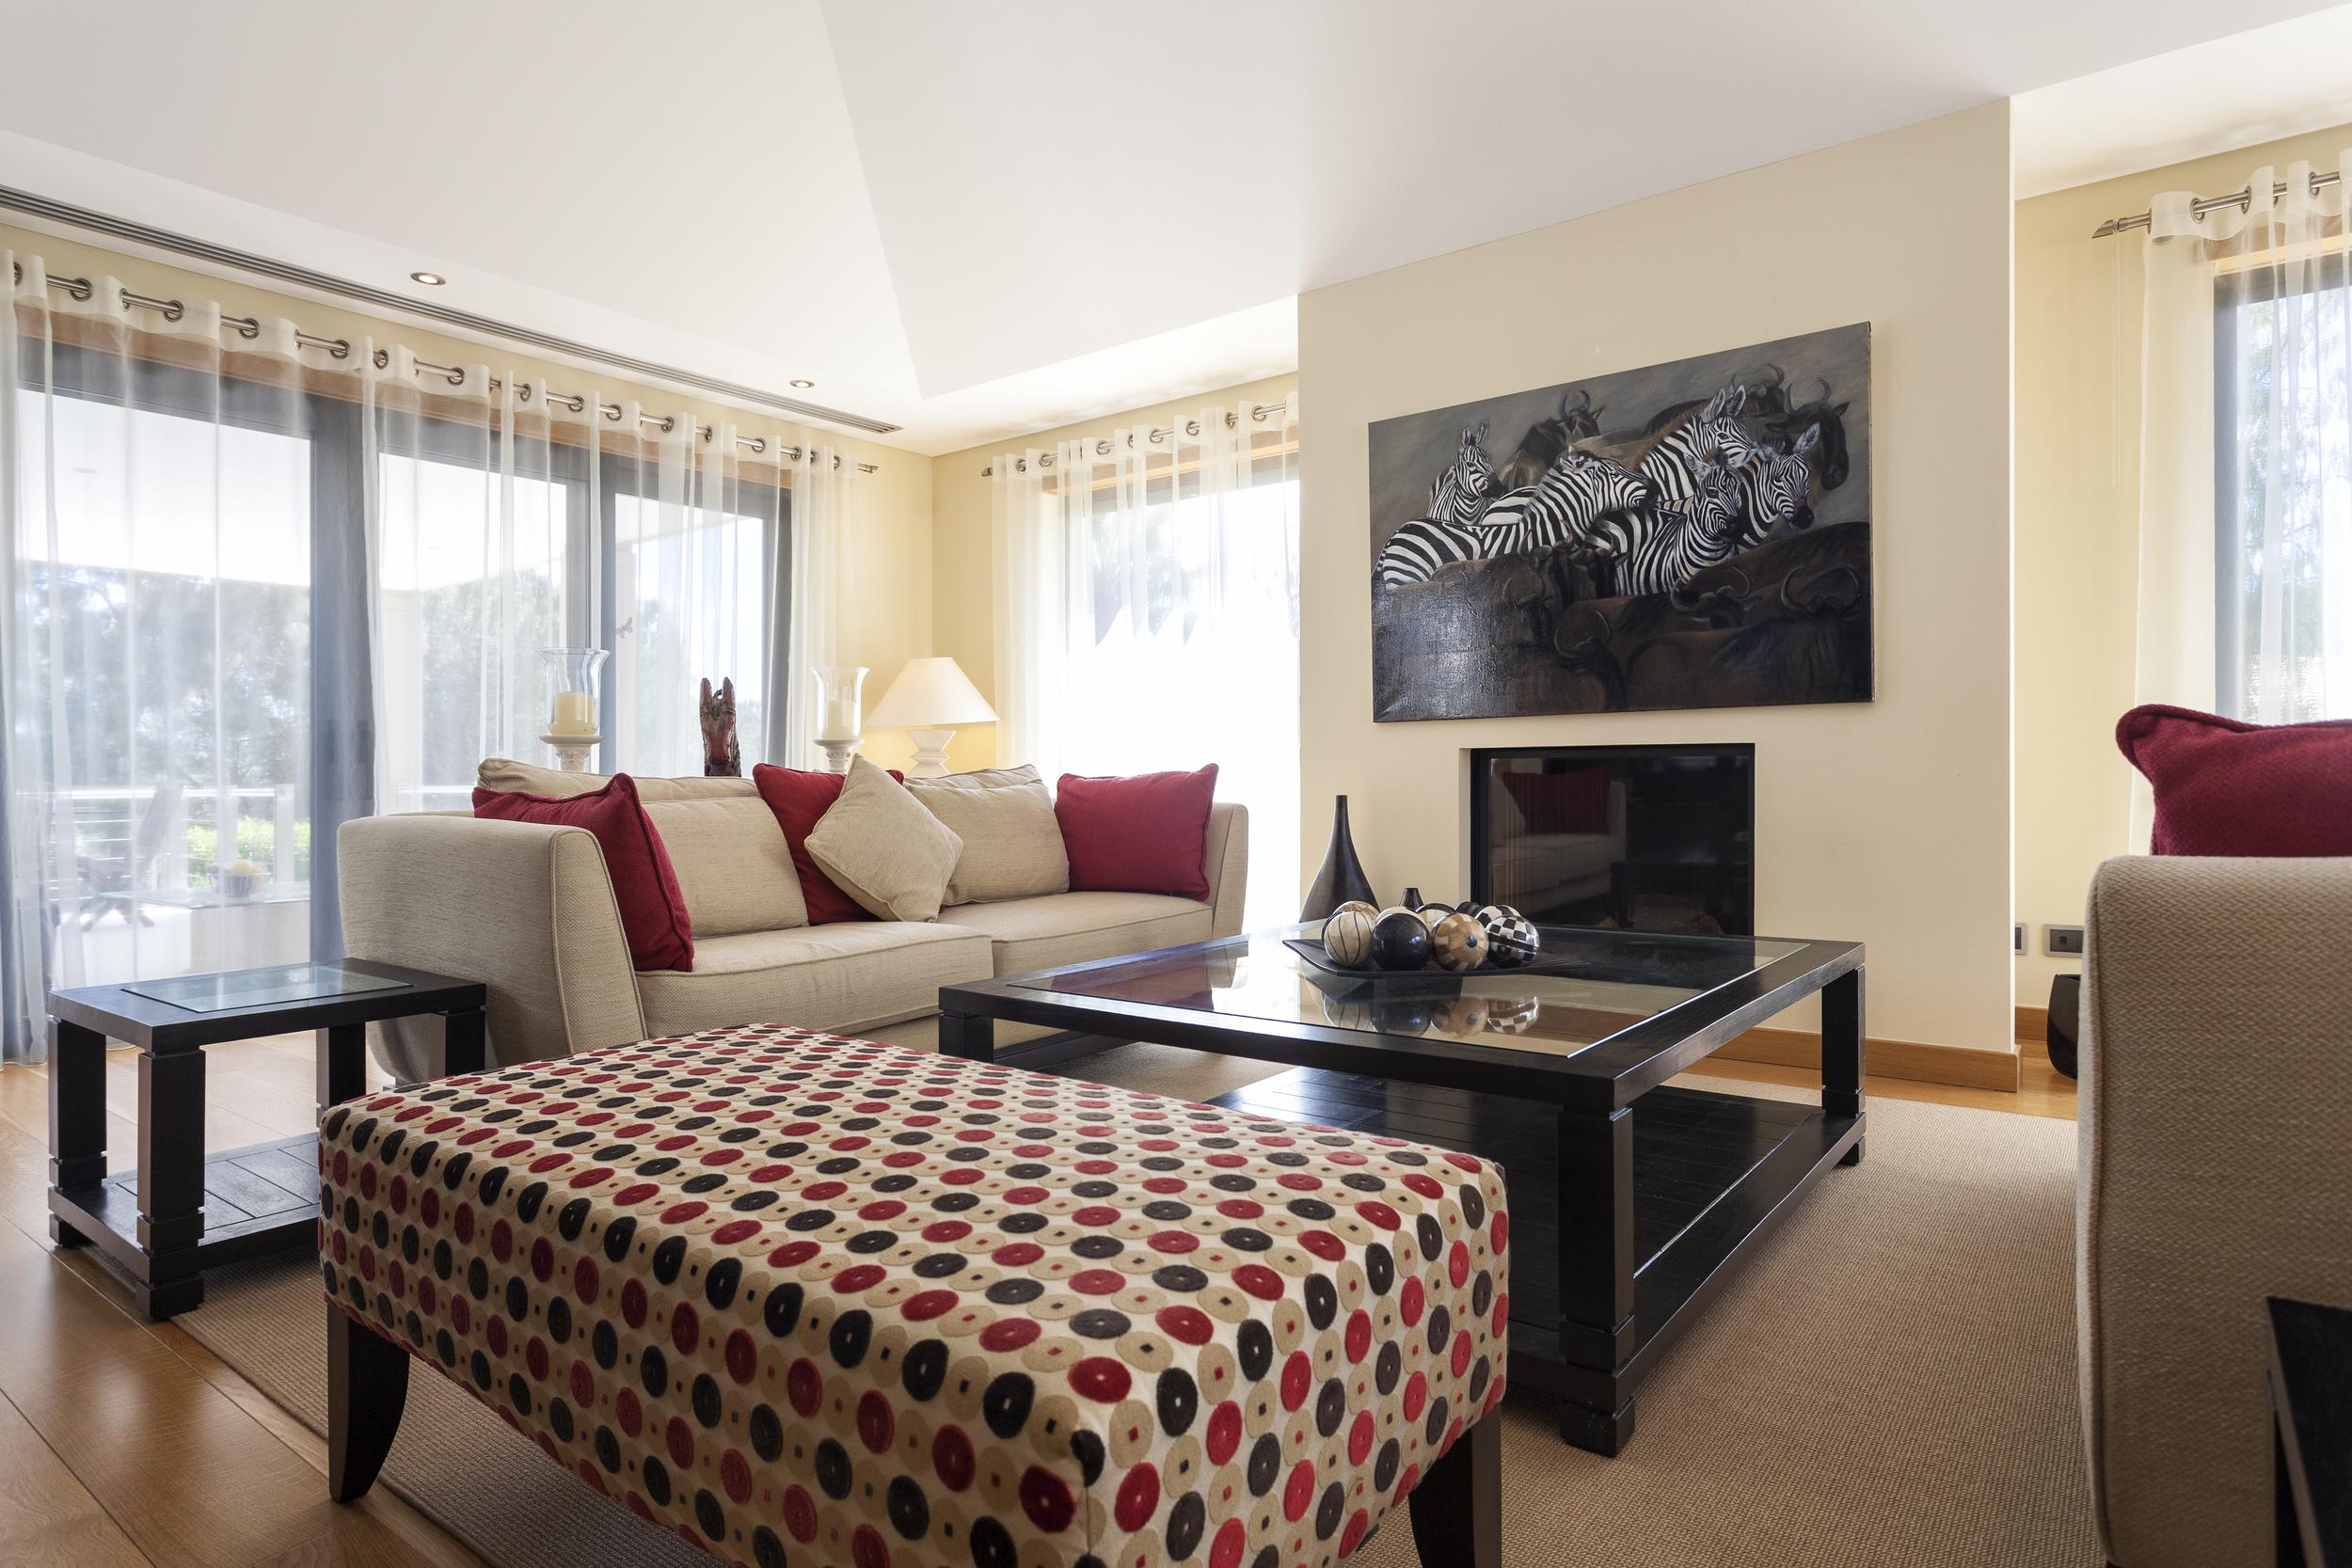 4 bedroom villa to rent in Quinta do Lago, RLV, Villa Serpentine,13.jpg